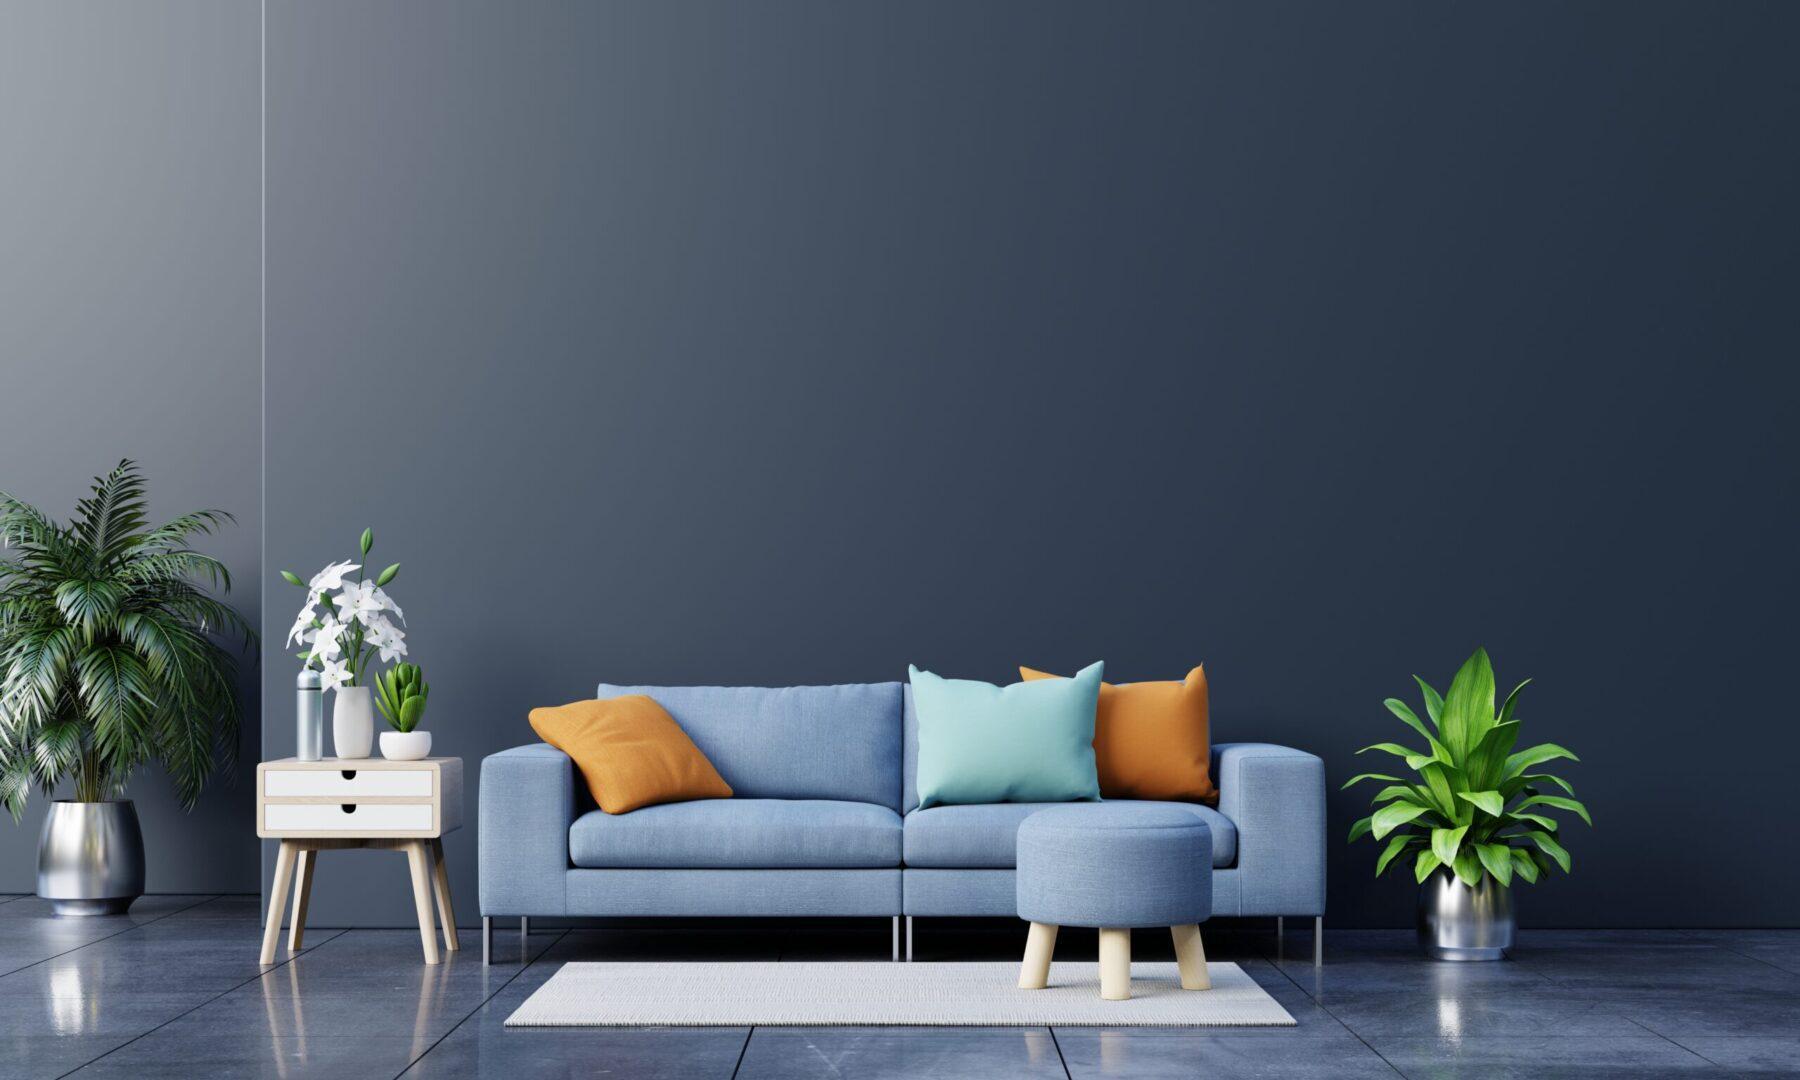 Tipos de telas usadas para Tapizar sillones y sofás